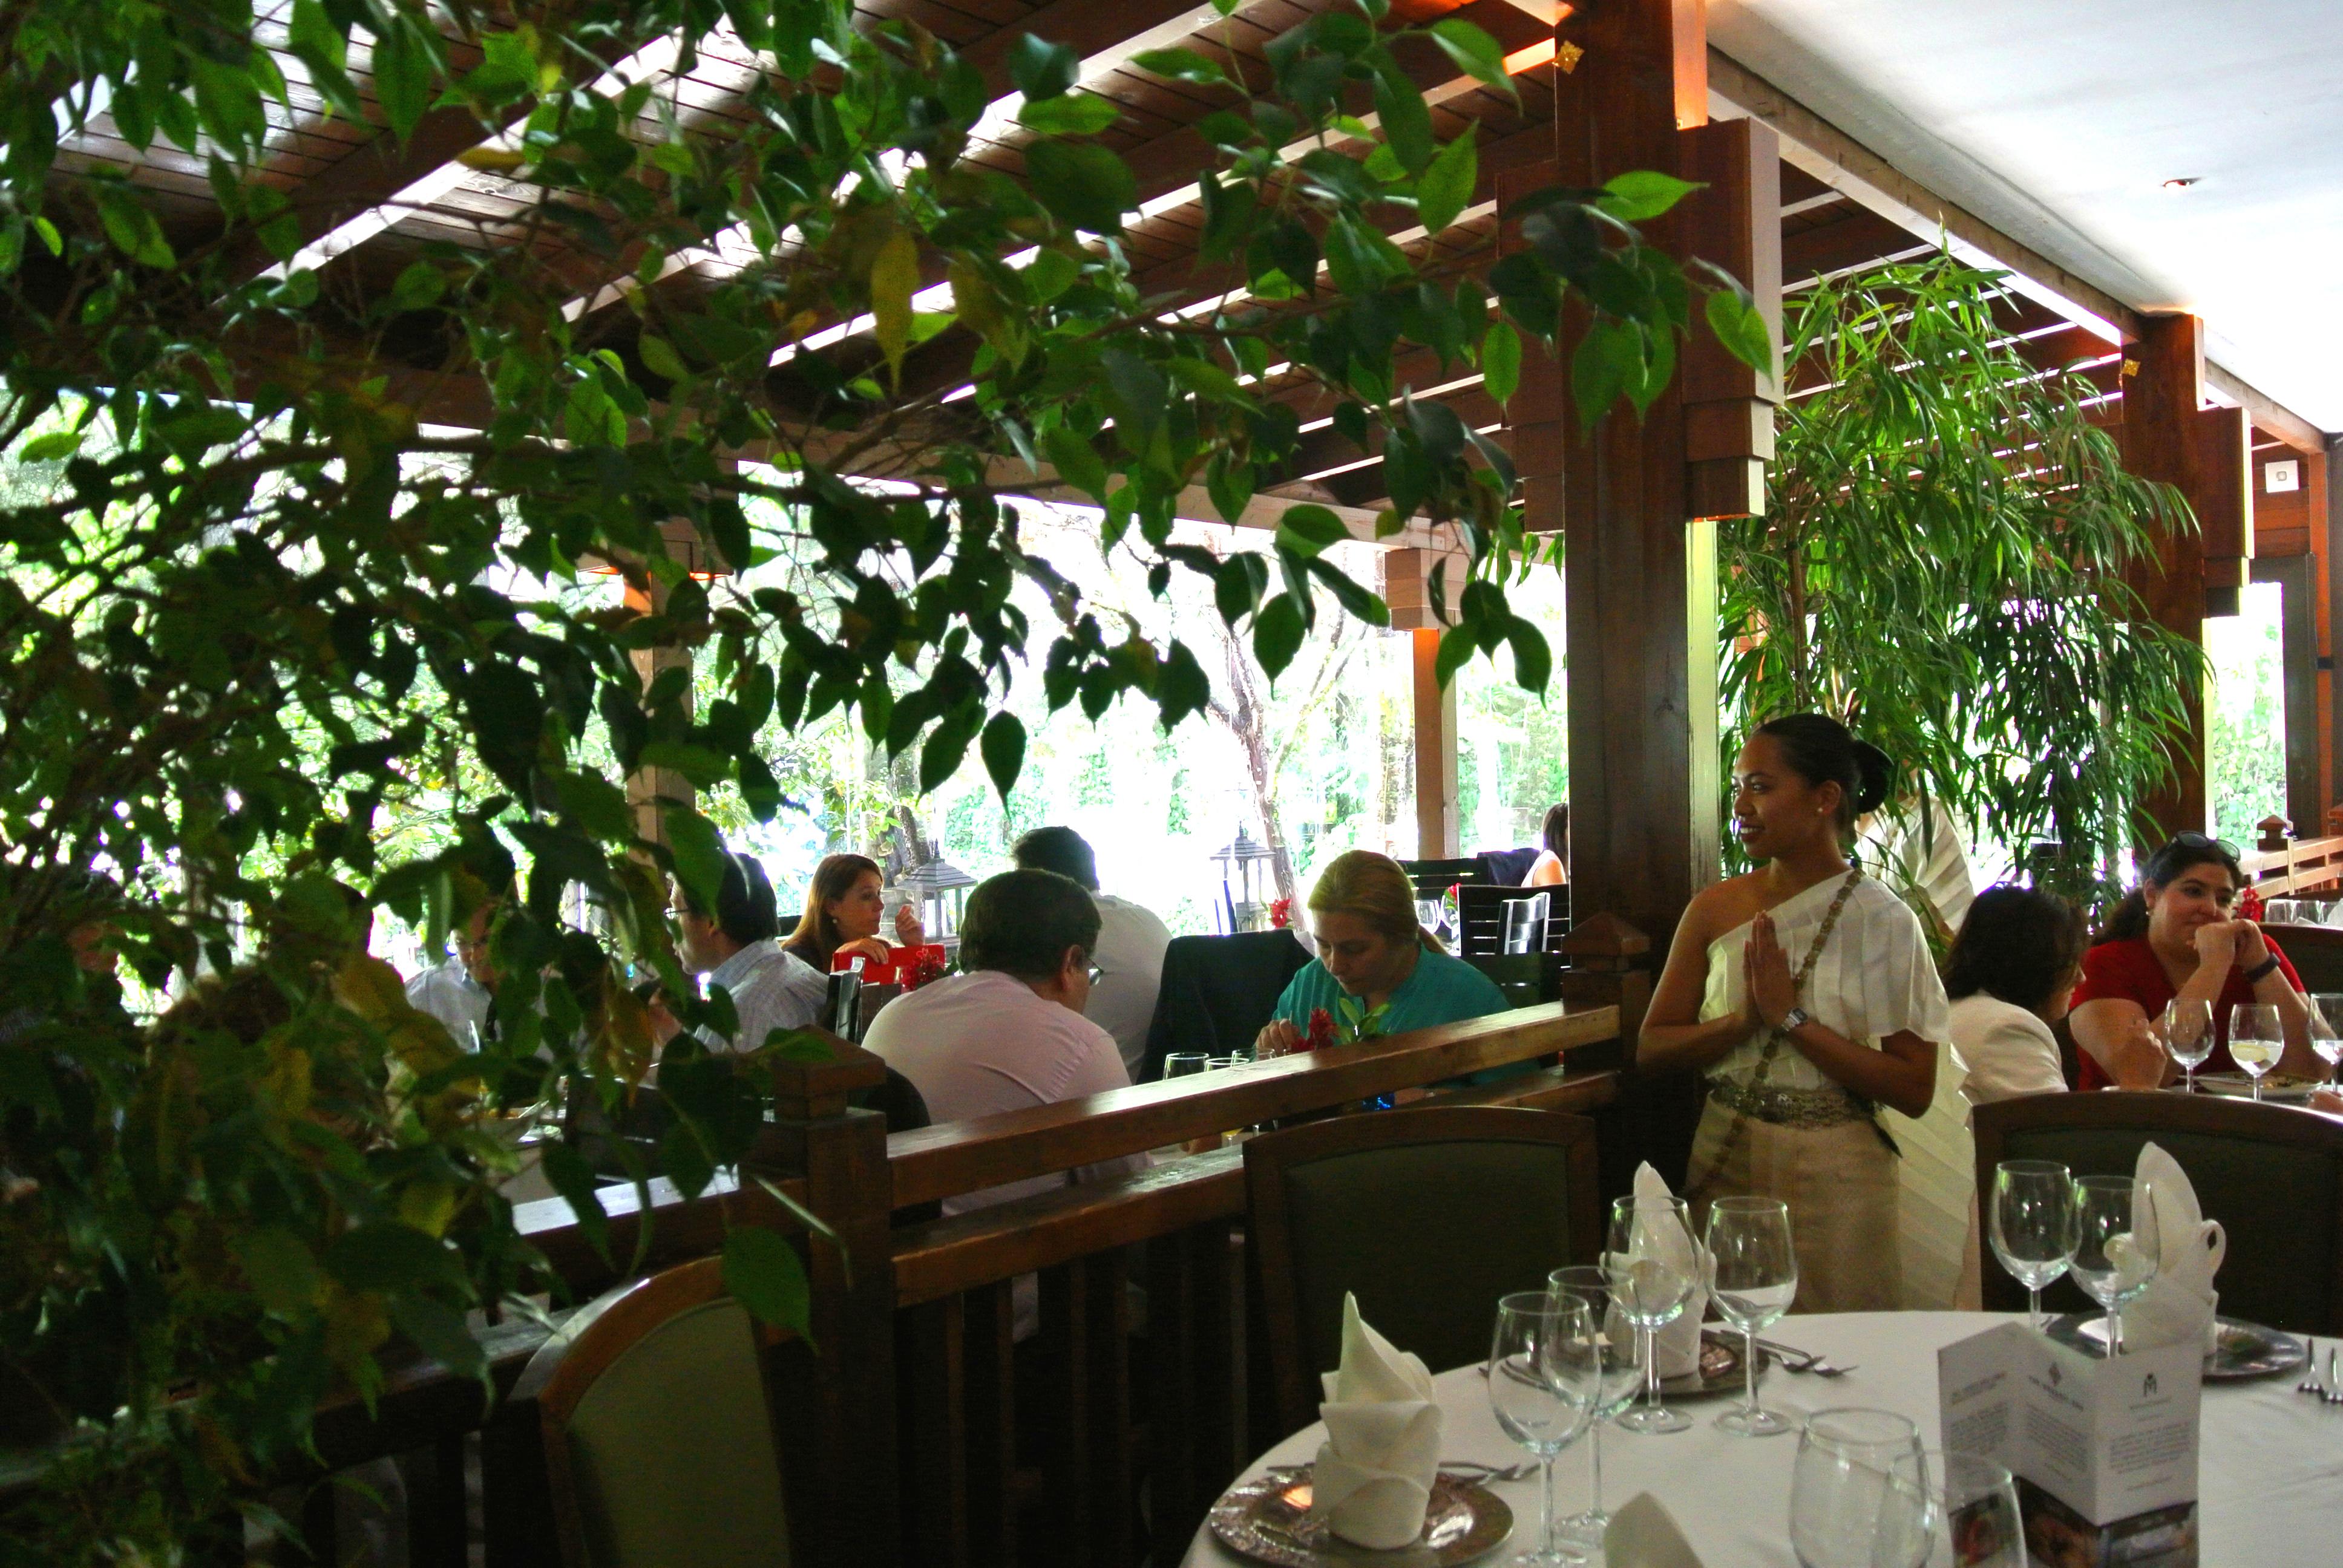 Degustar un menú en un exuberante jardín tailandés.